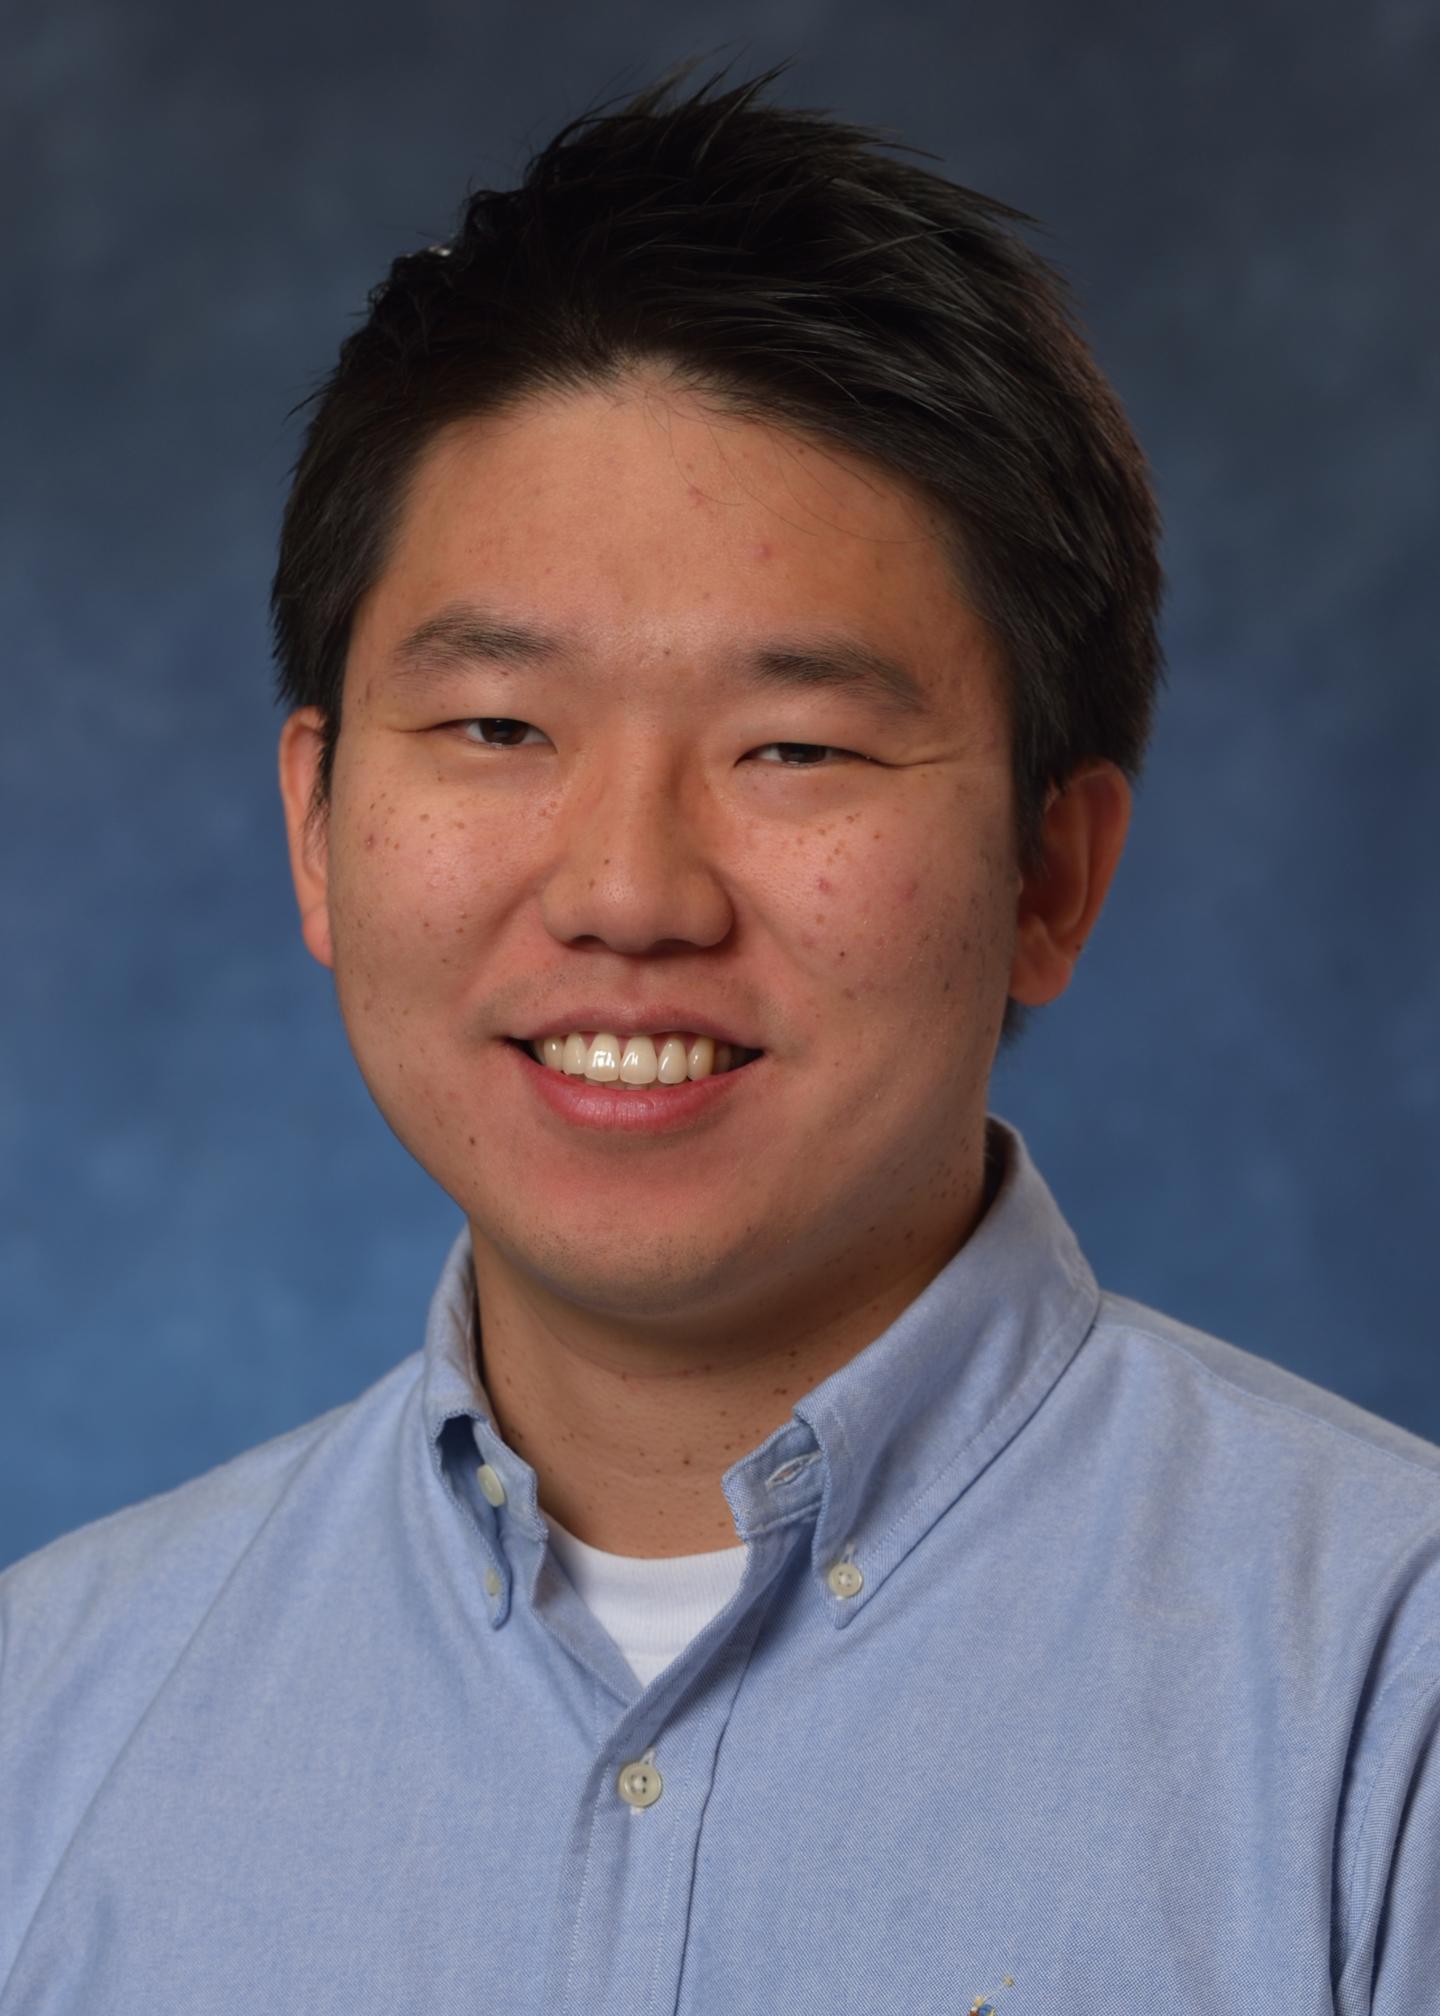 Sangyeop Lee, University of Pittsburgh Swanson School of Engineering